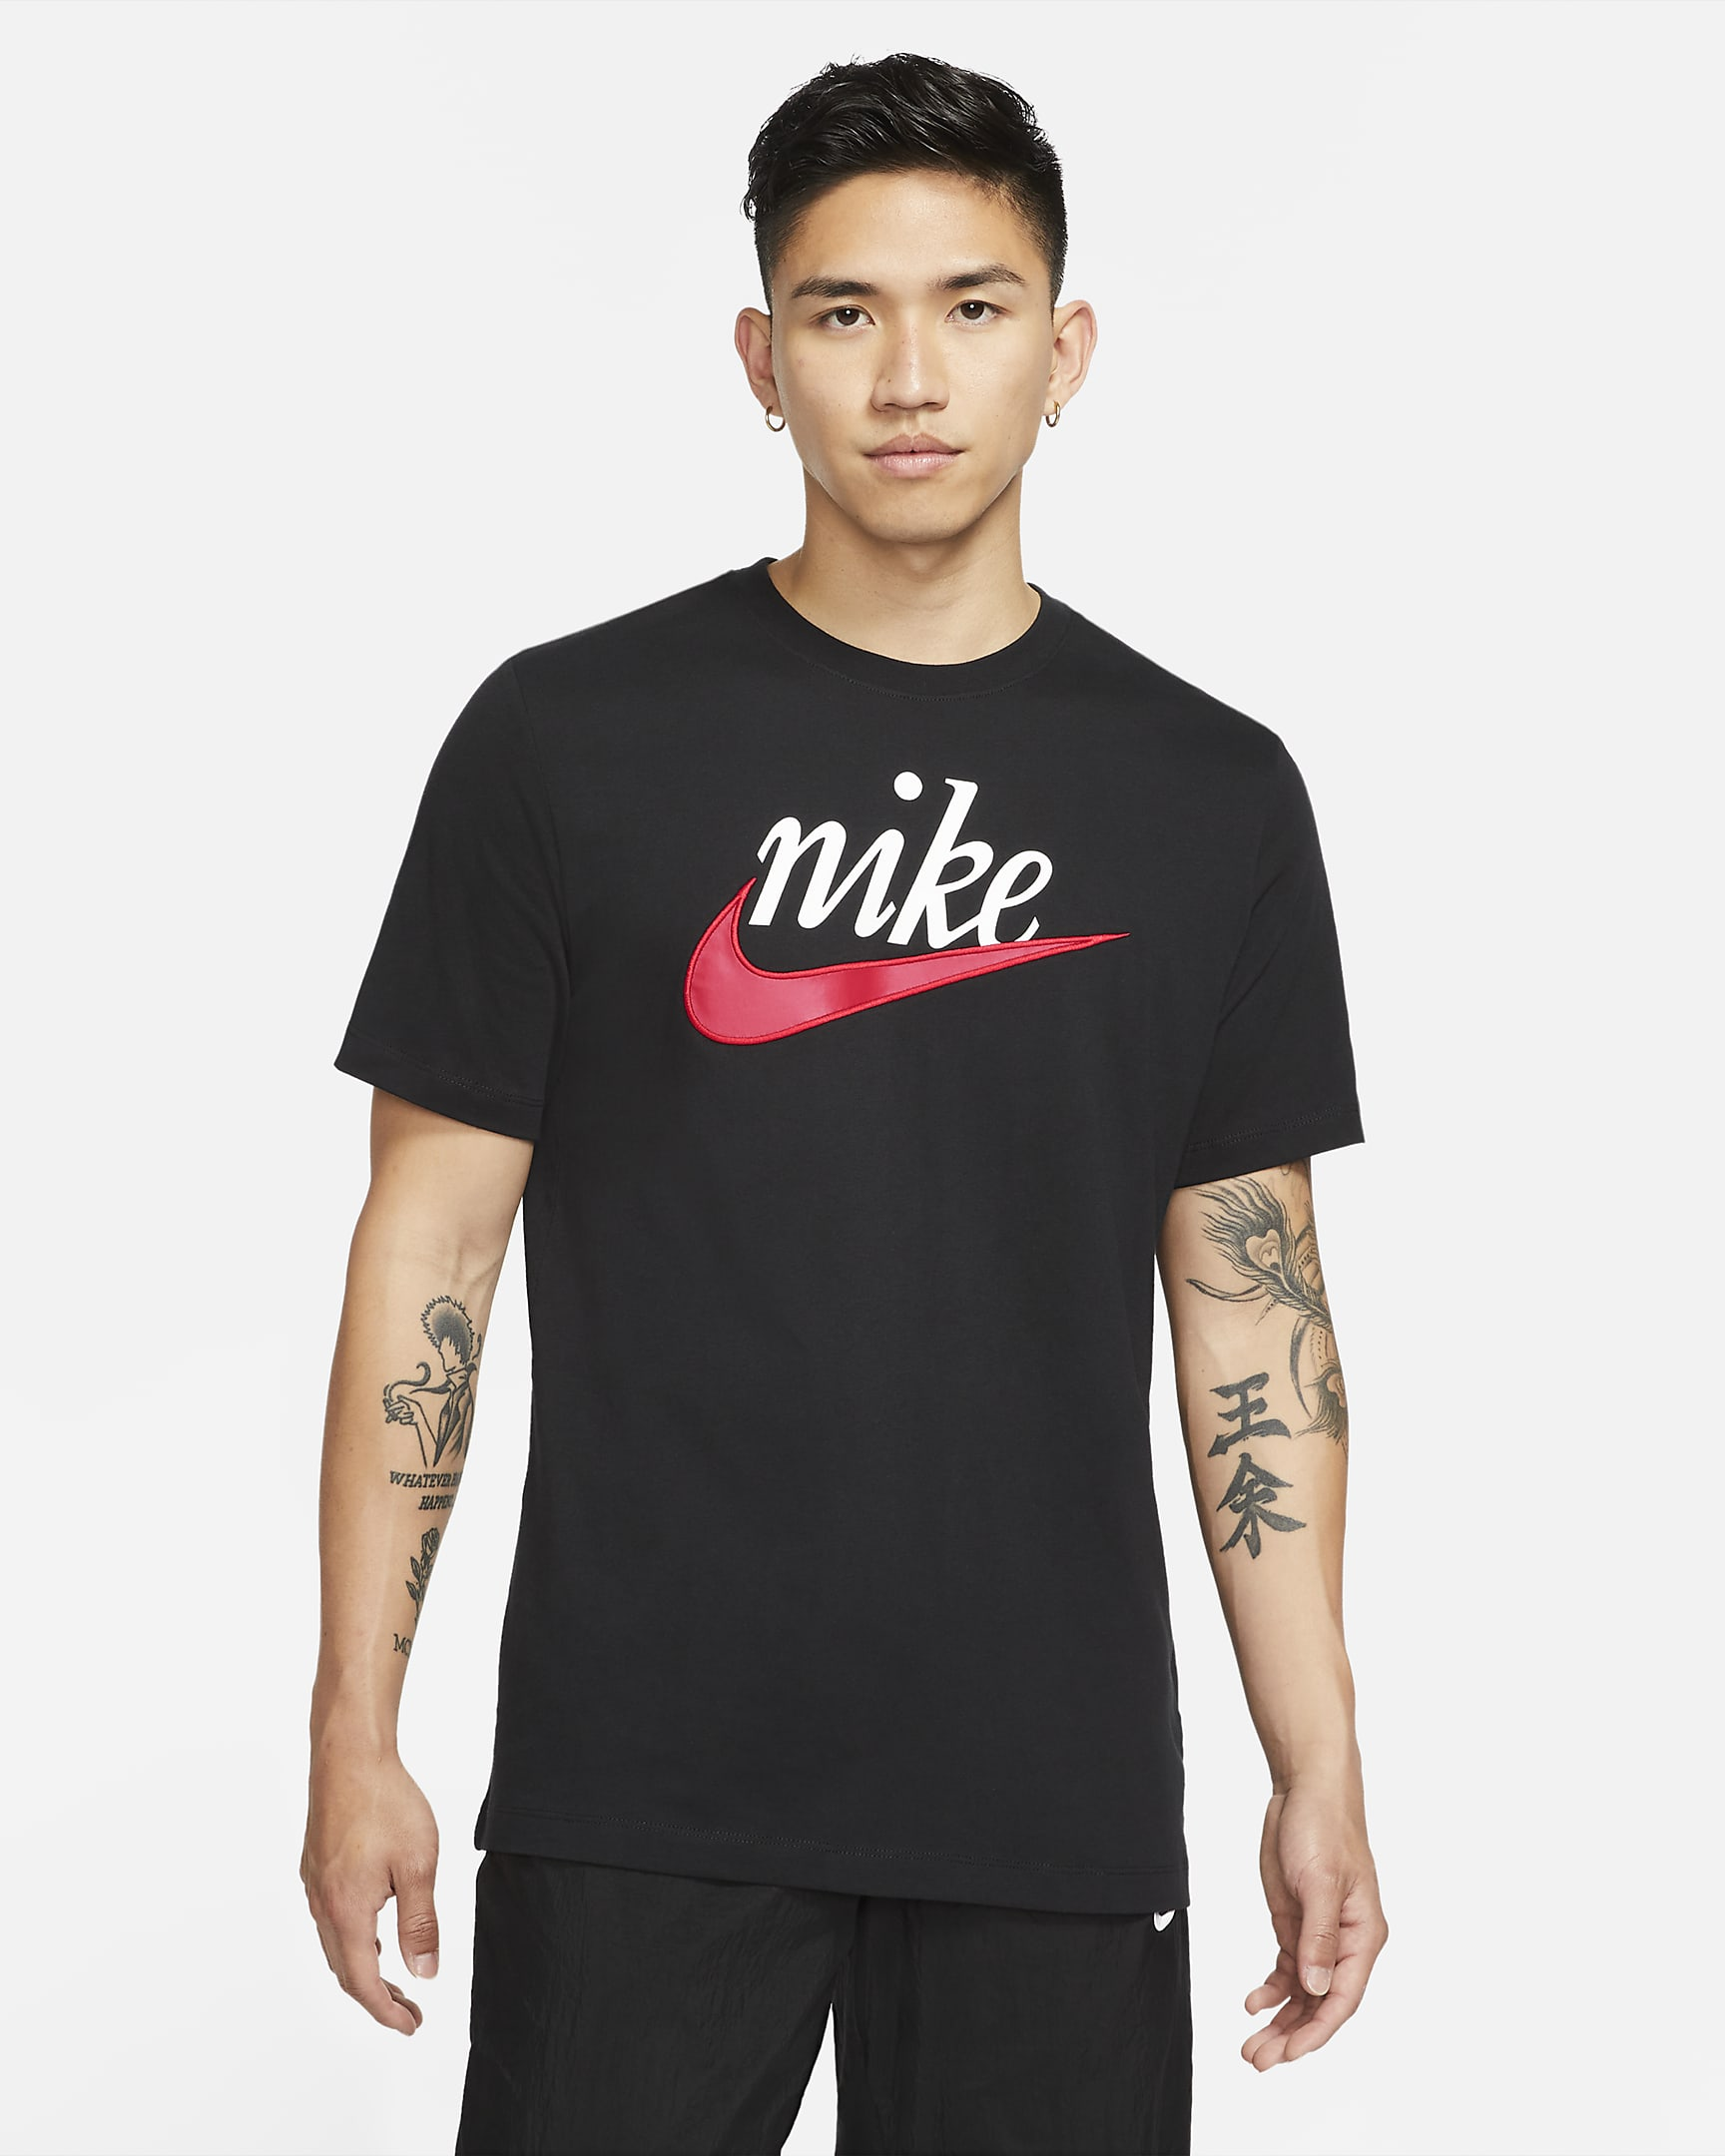 nike-sportswear-mens-t-shirt-XvMmR7-2.png